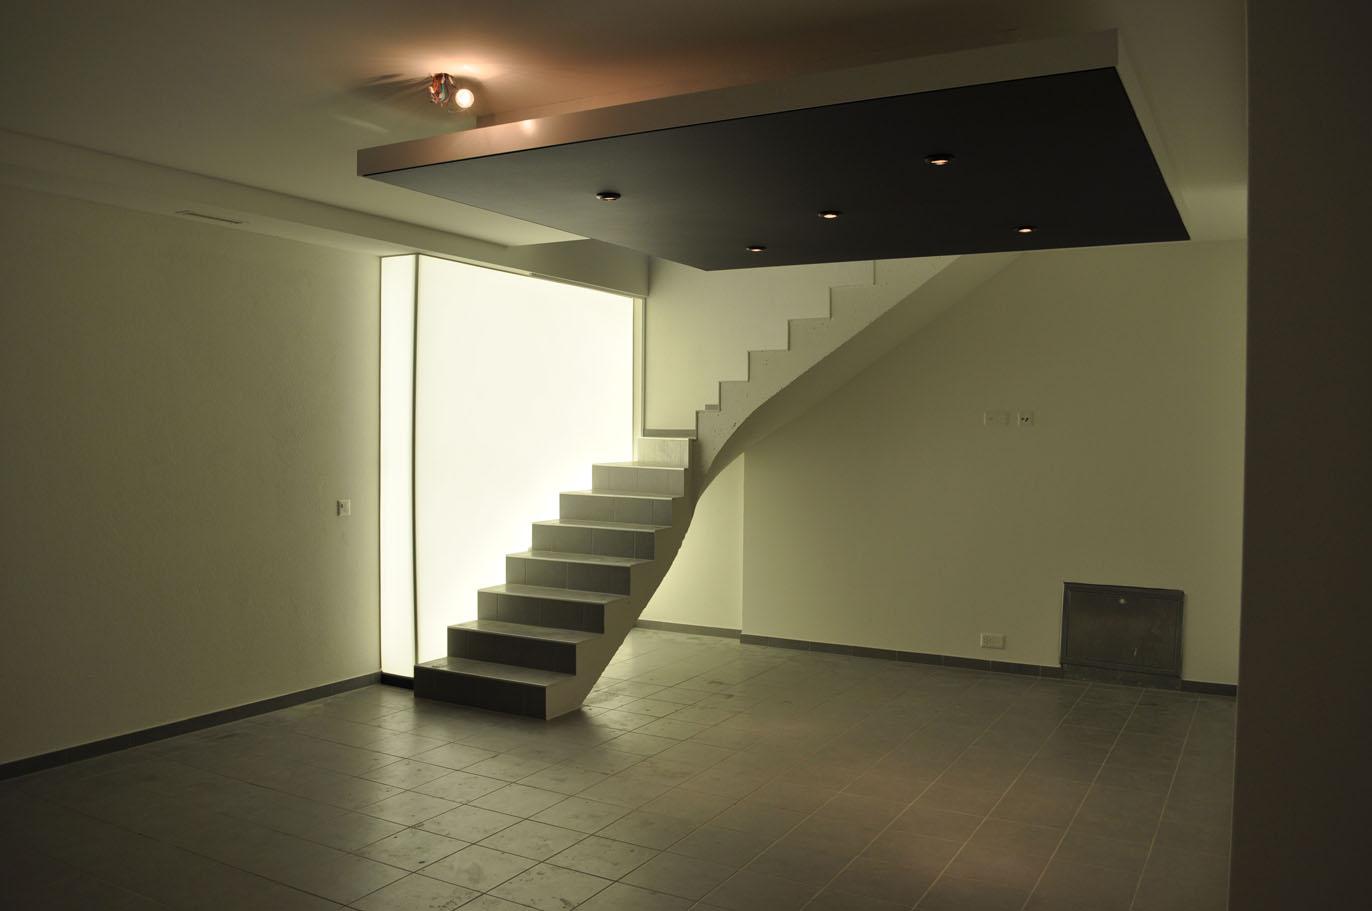 Plafond suspendu avec spot isolation id es - Plafond tendu pas cher ...